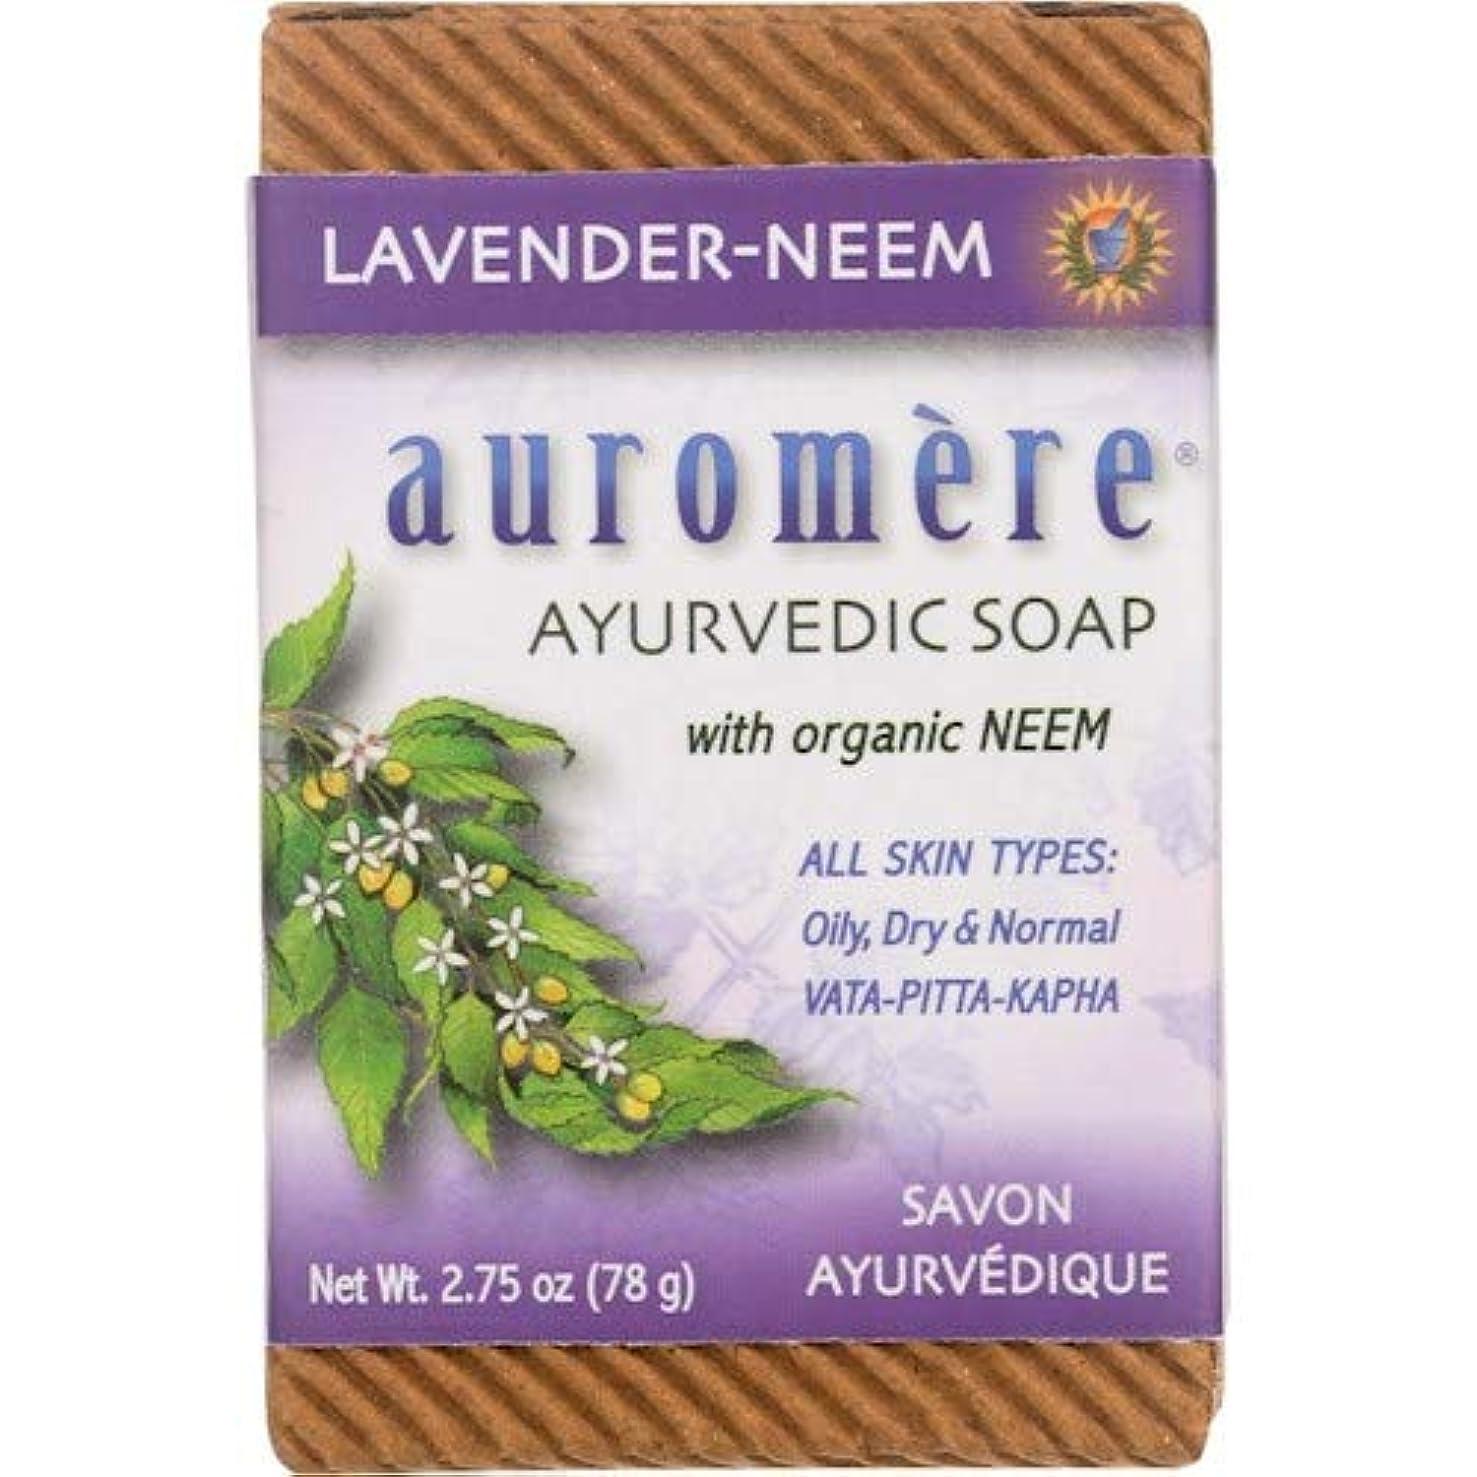 中毒定義キモいオーロメア (Auromere) アーユルヴェーダ 石鹸/ラベンダー?ニーム 78g 6+1個 セット